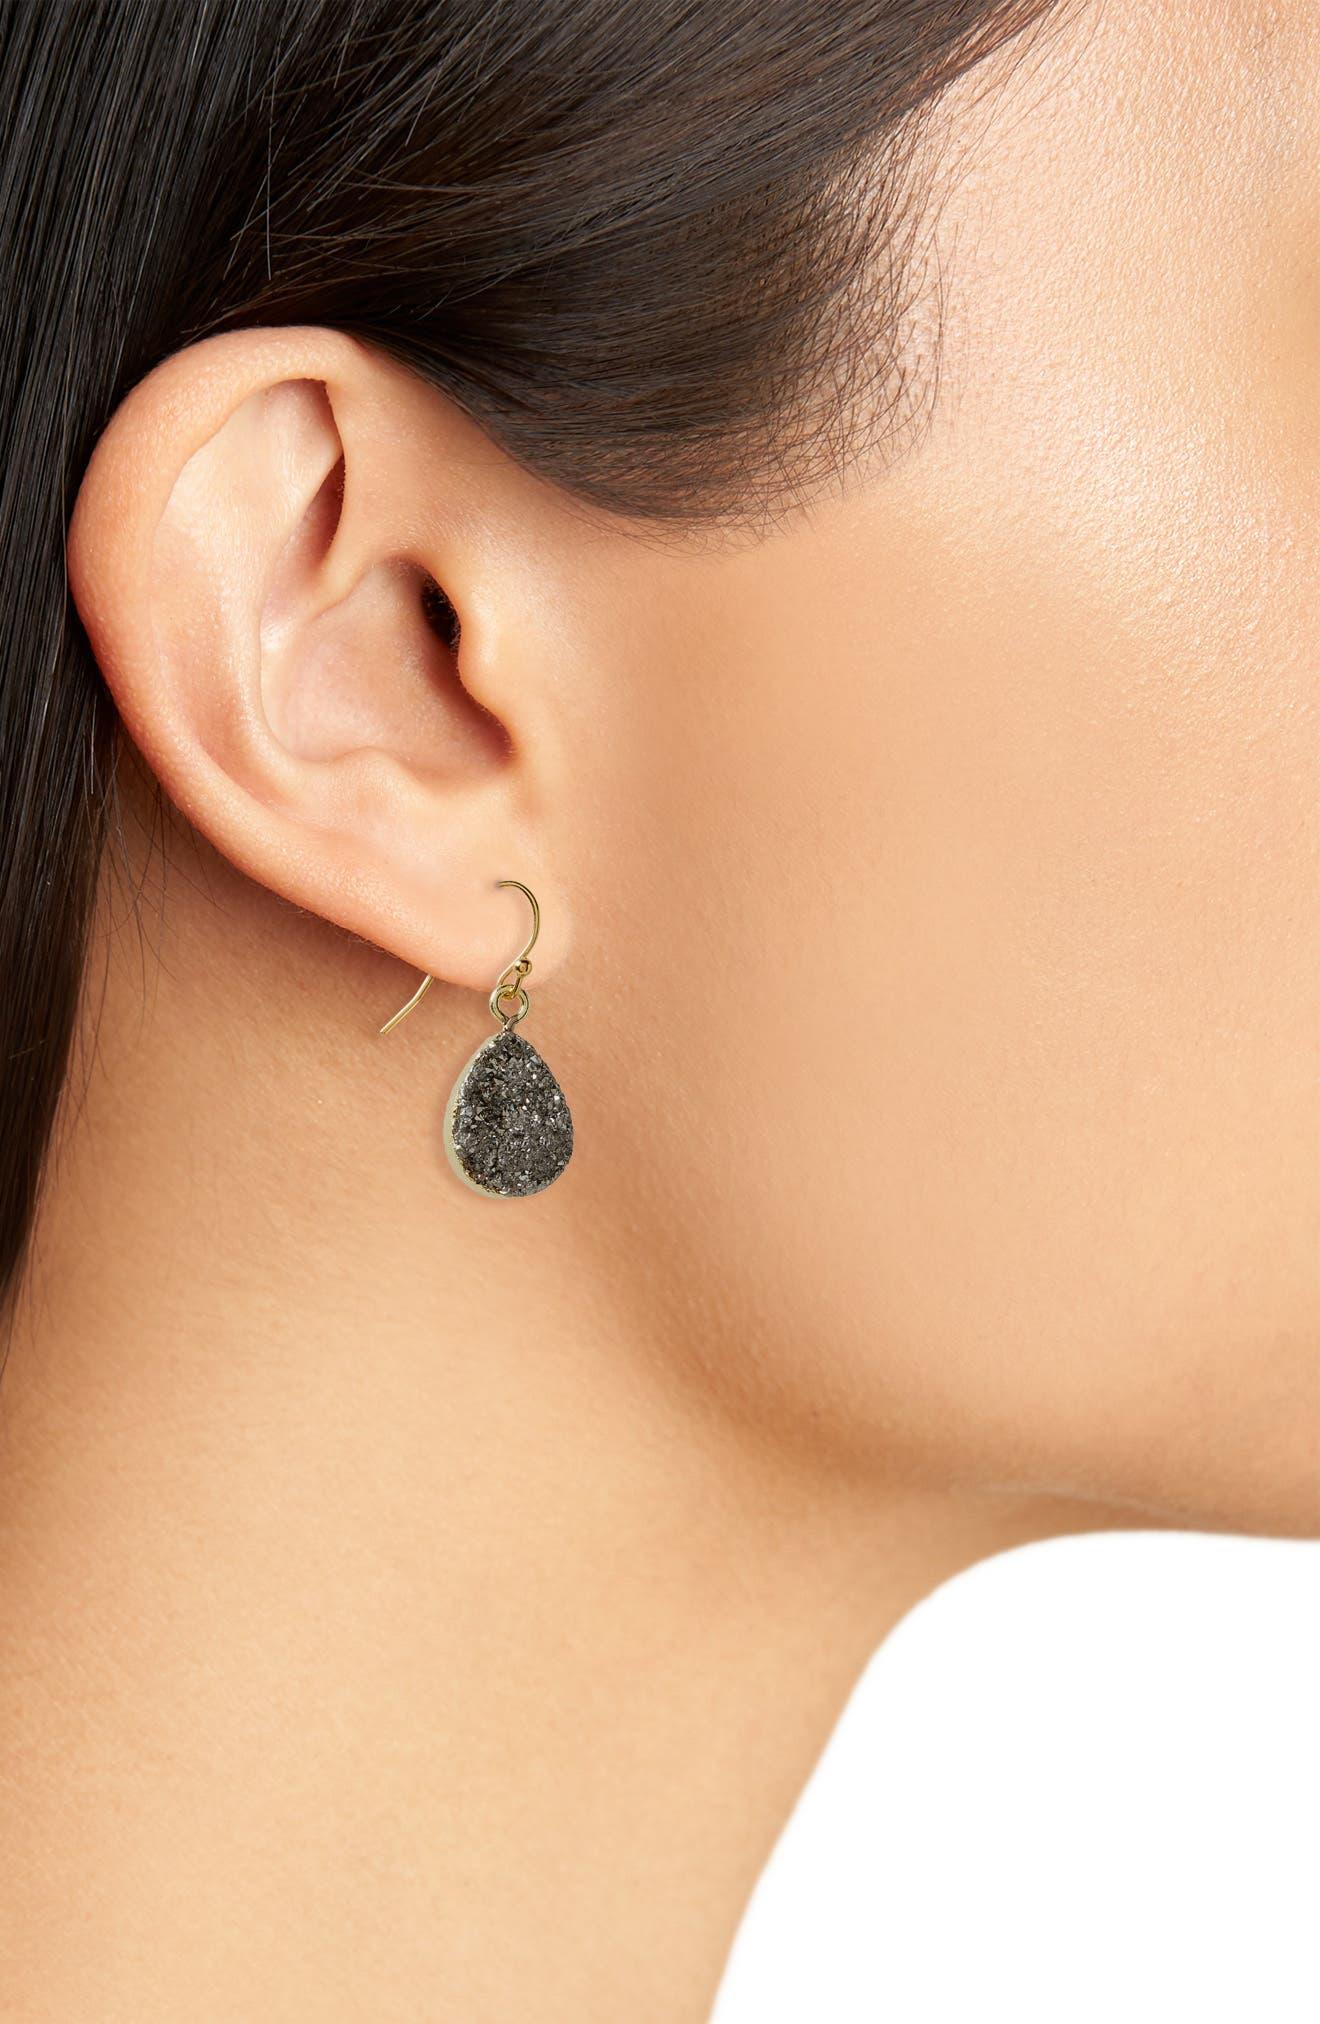 Teardrop Drusy Earrings,                             Alternate thumbnail 2, color,                             040